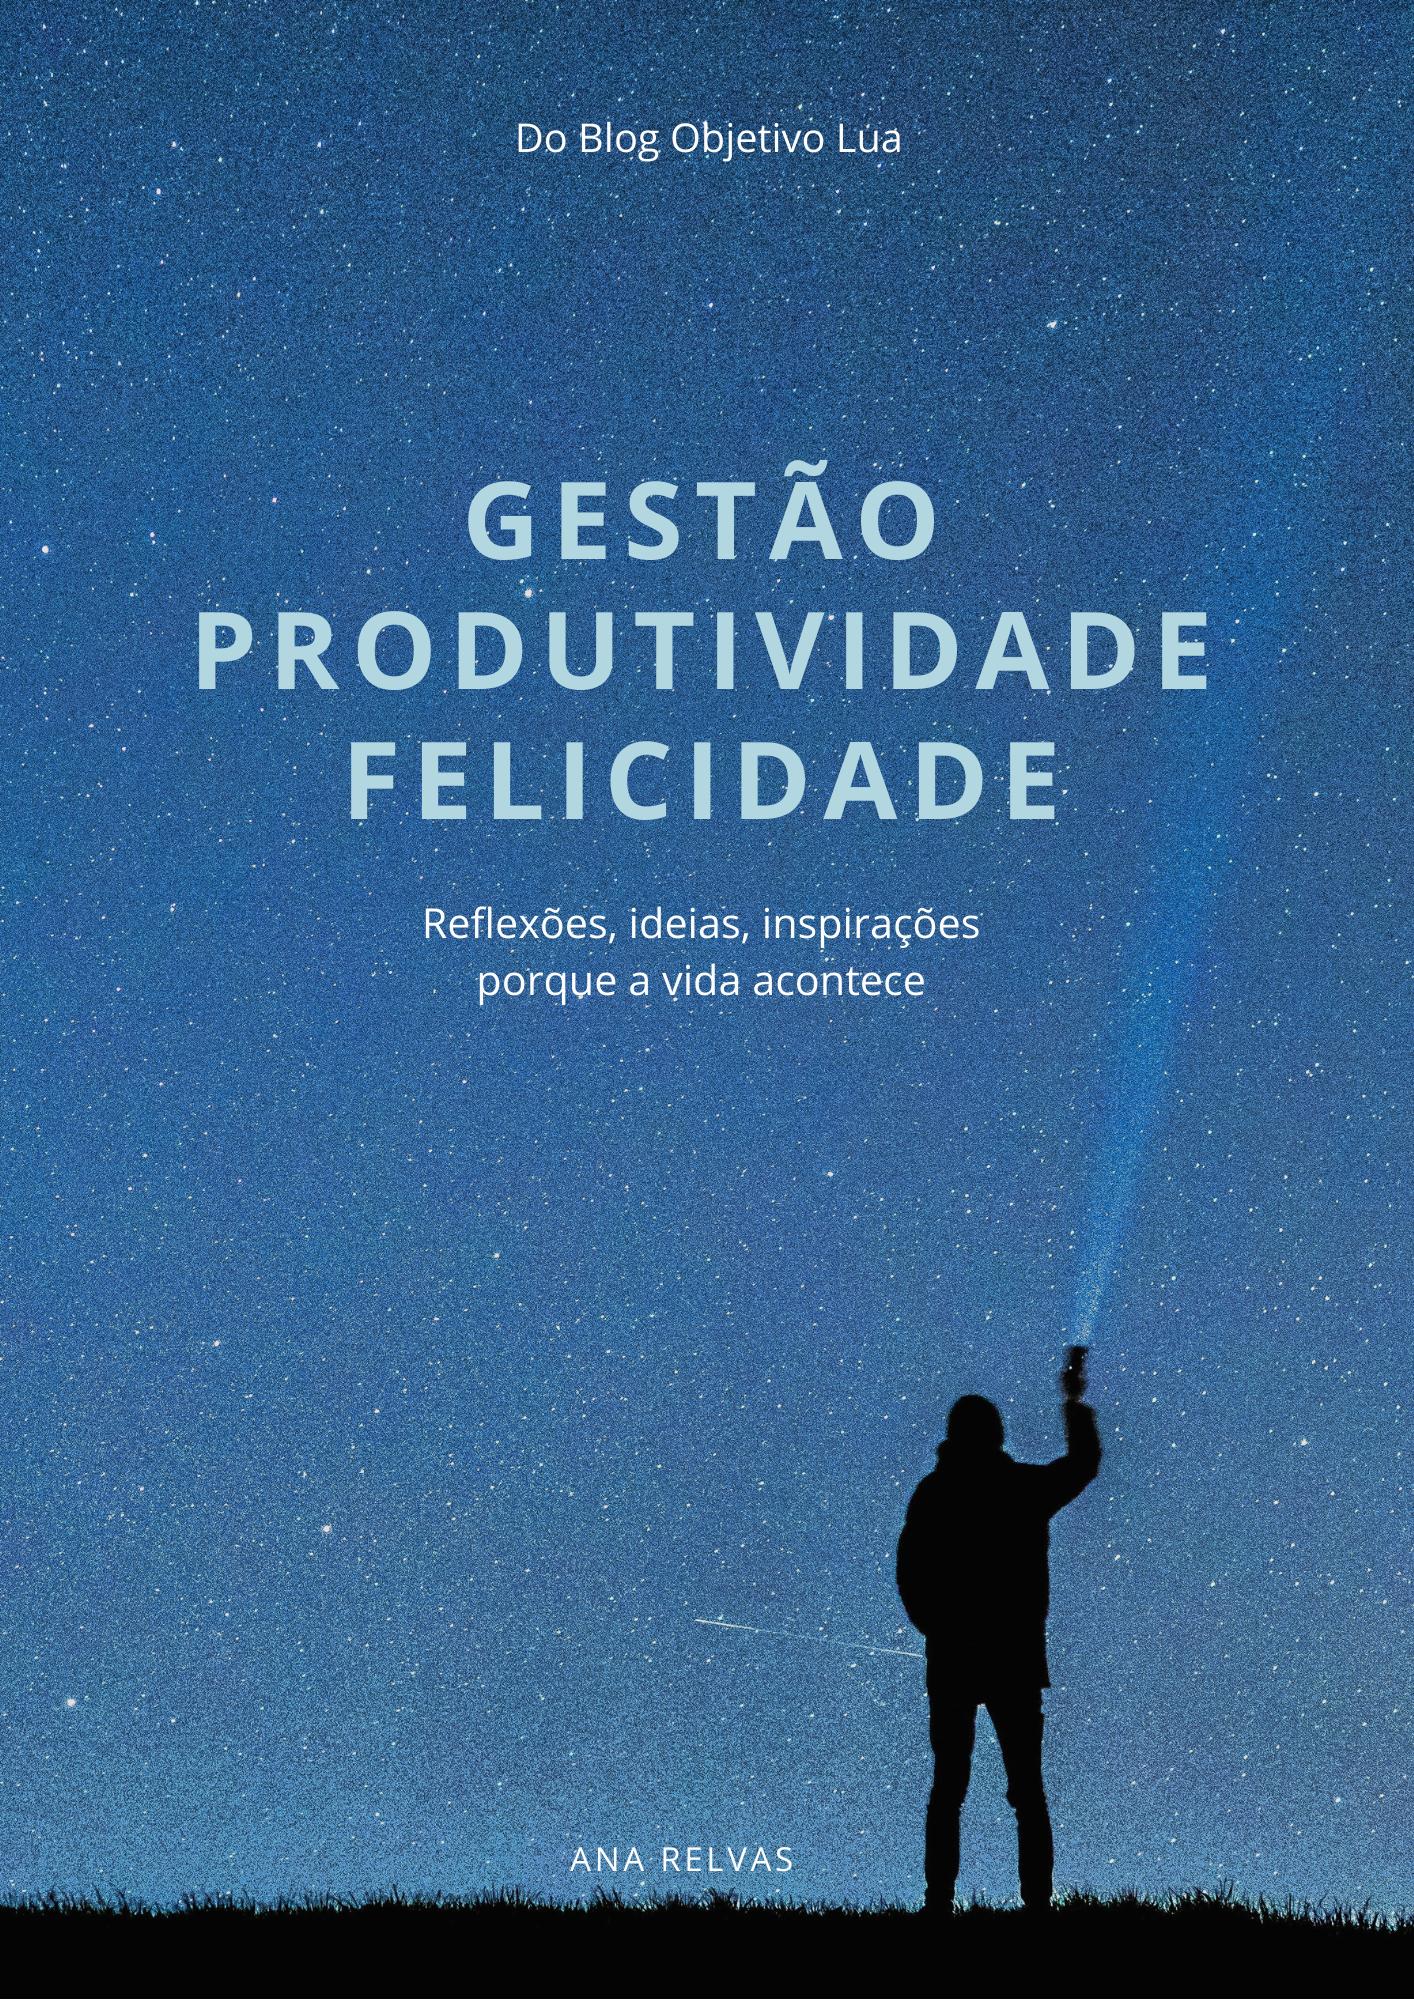 Gestão, produtividade e felicidade